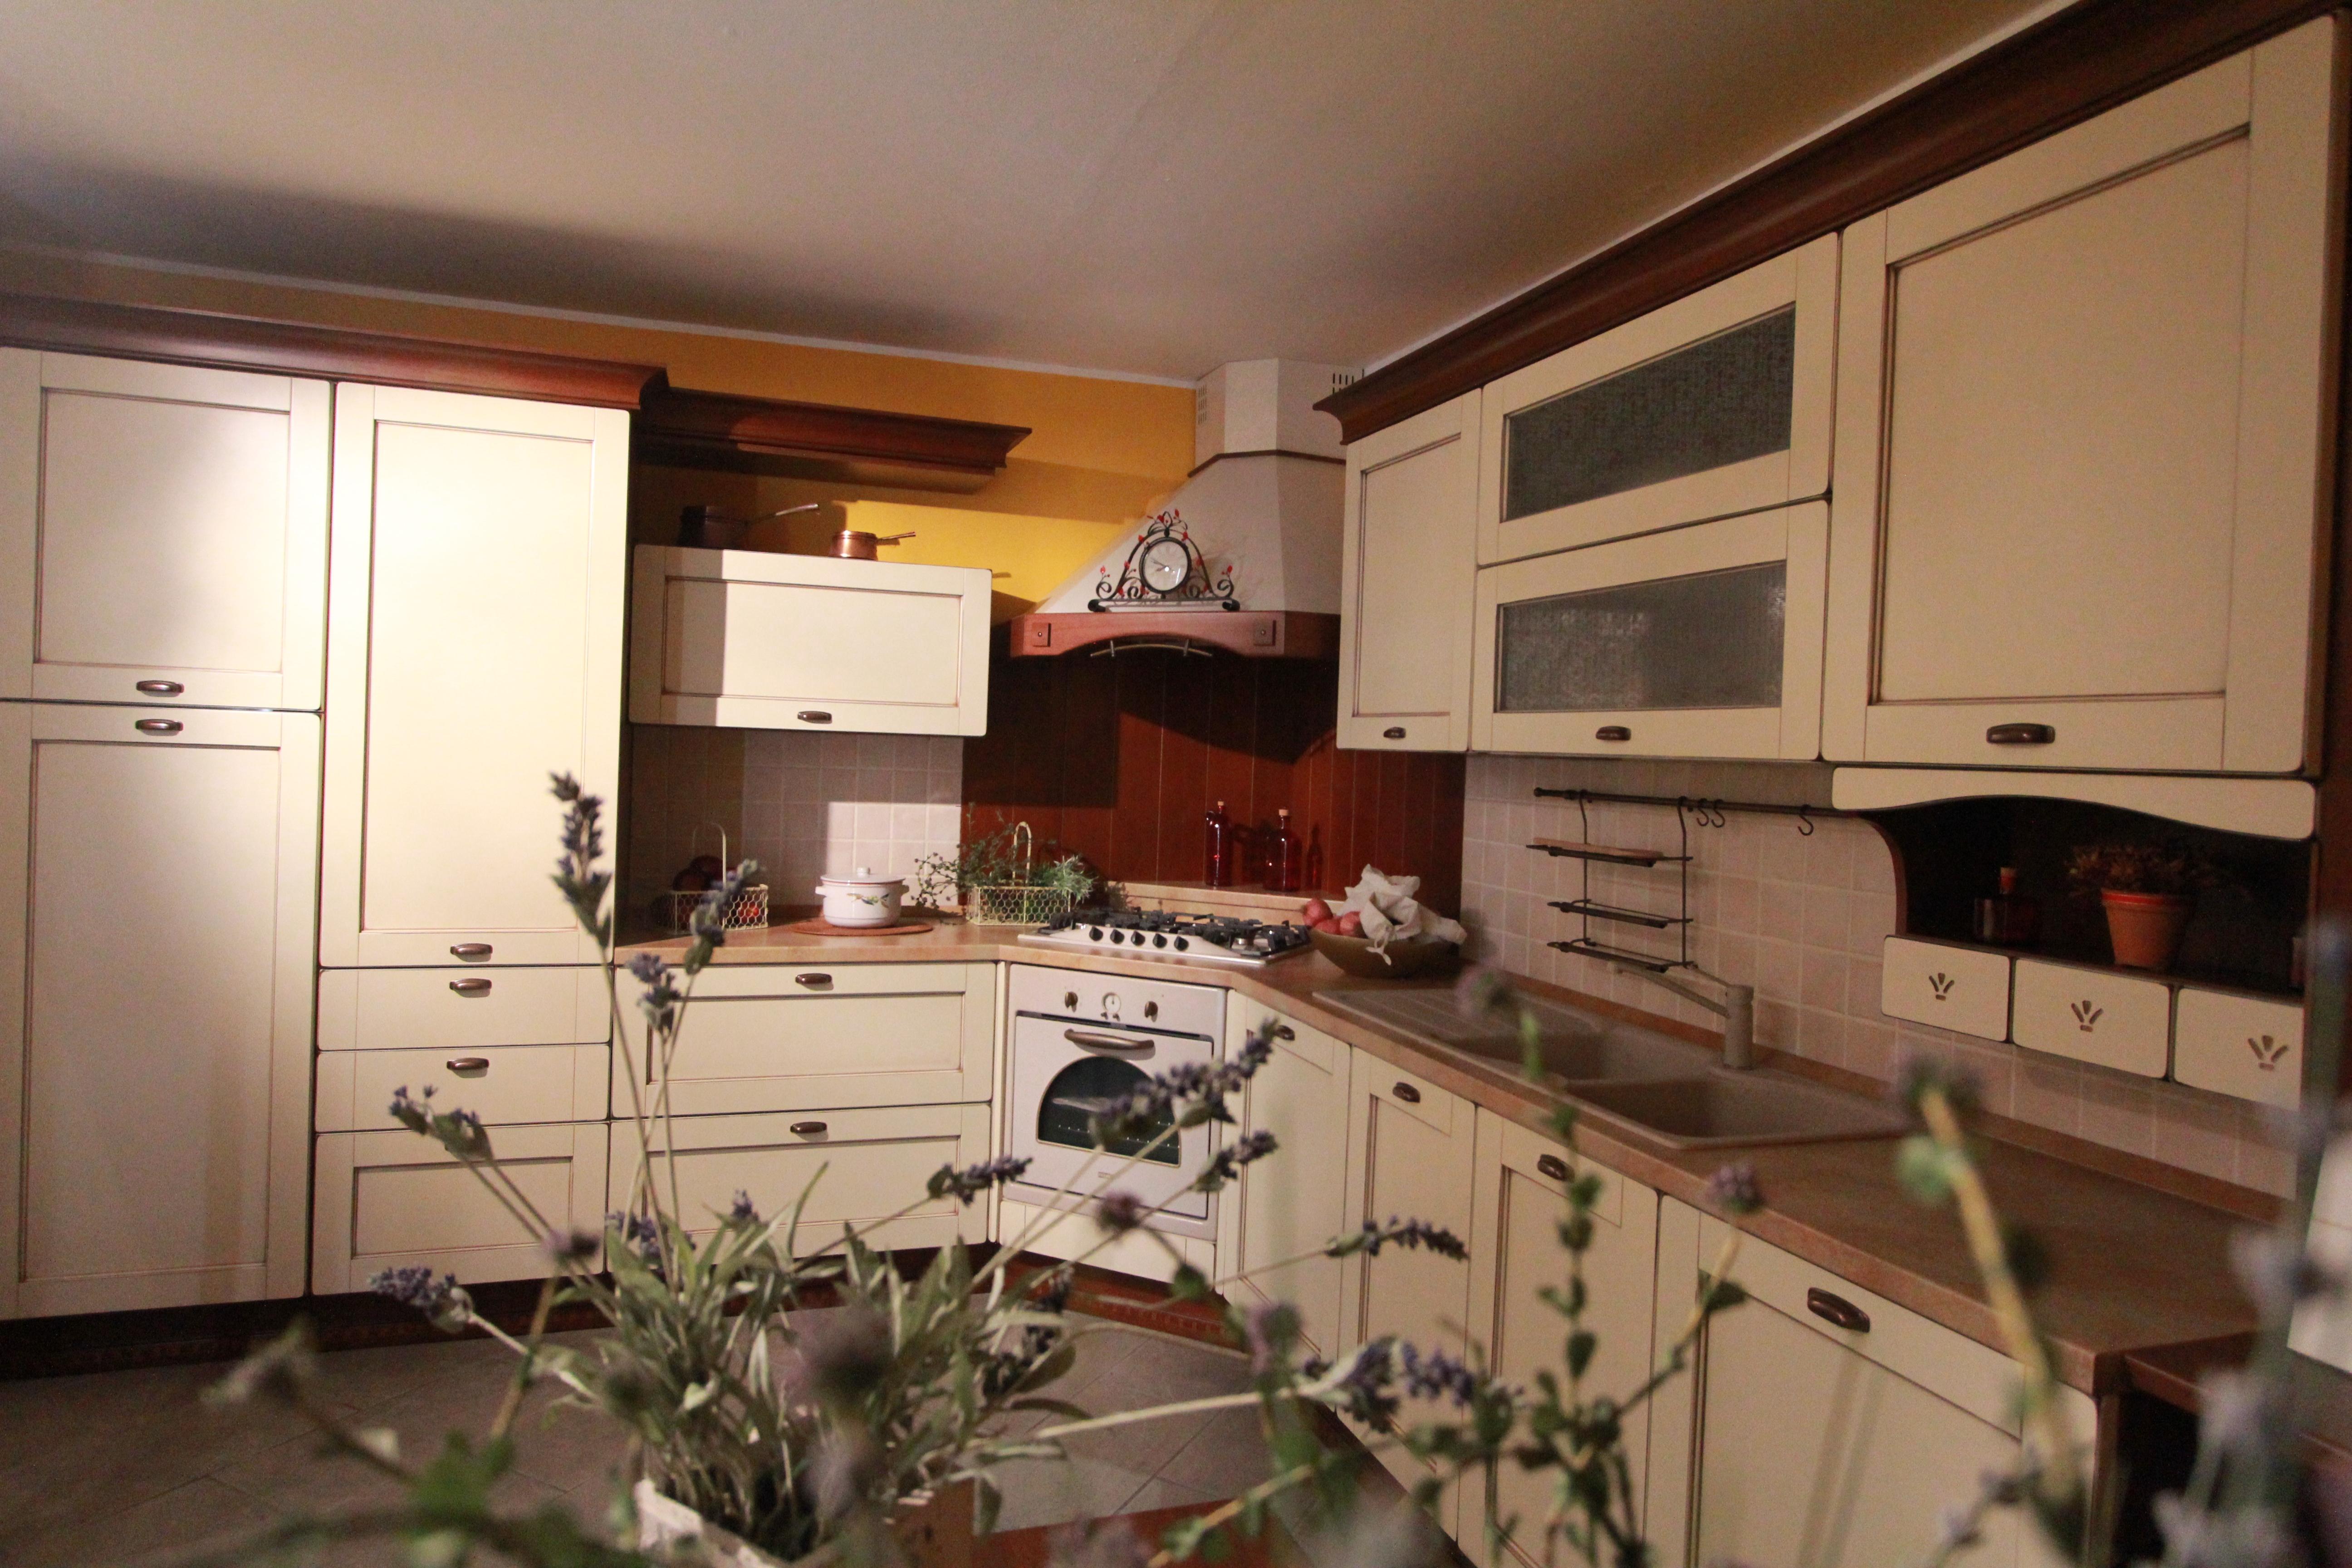 Cucina provenza cucine a prezzi scontati - Cucine provenzali moderne ...